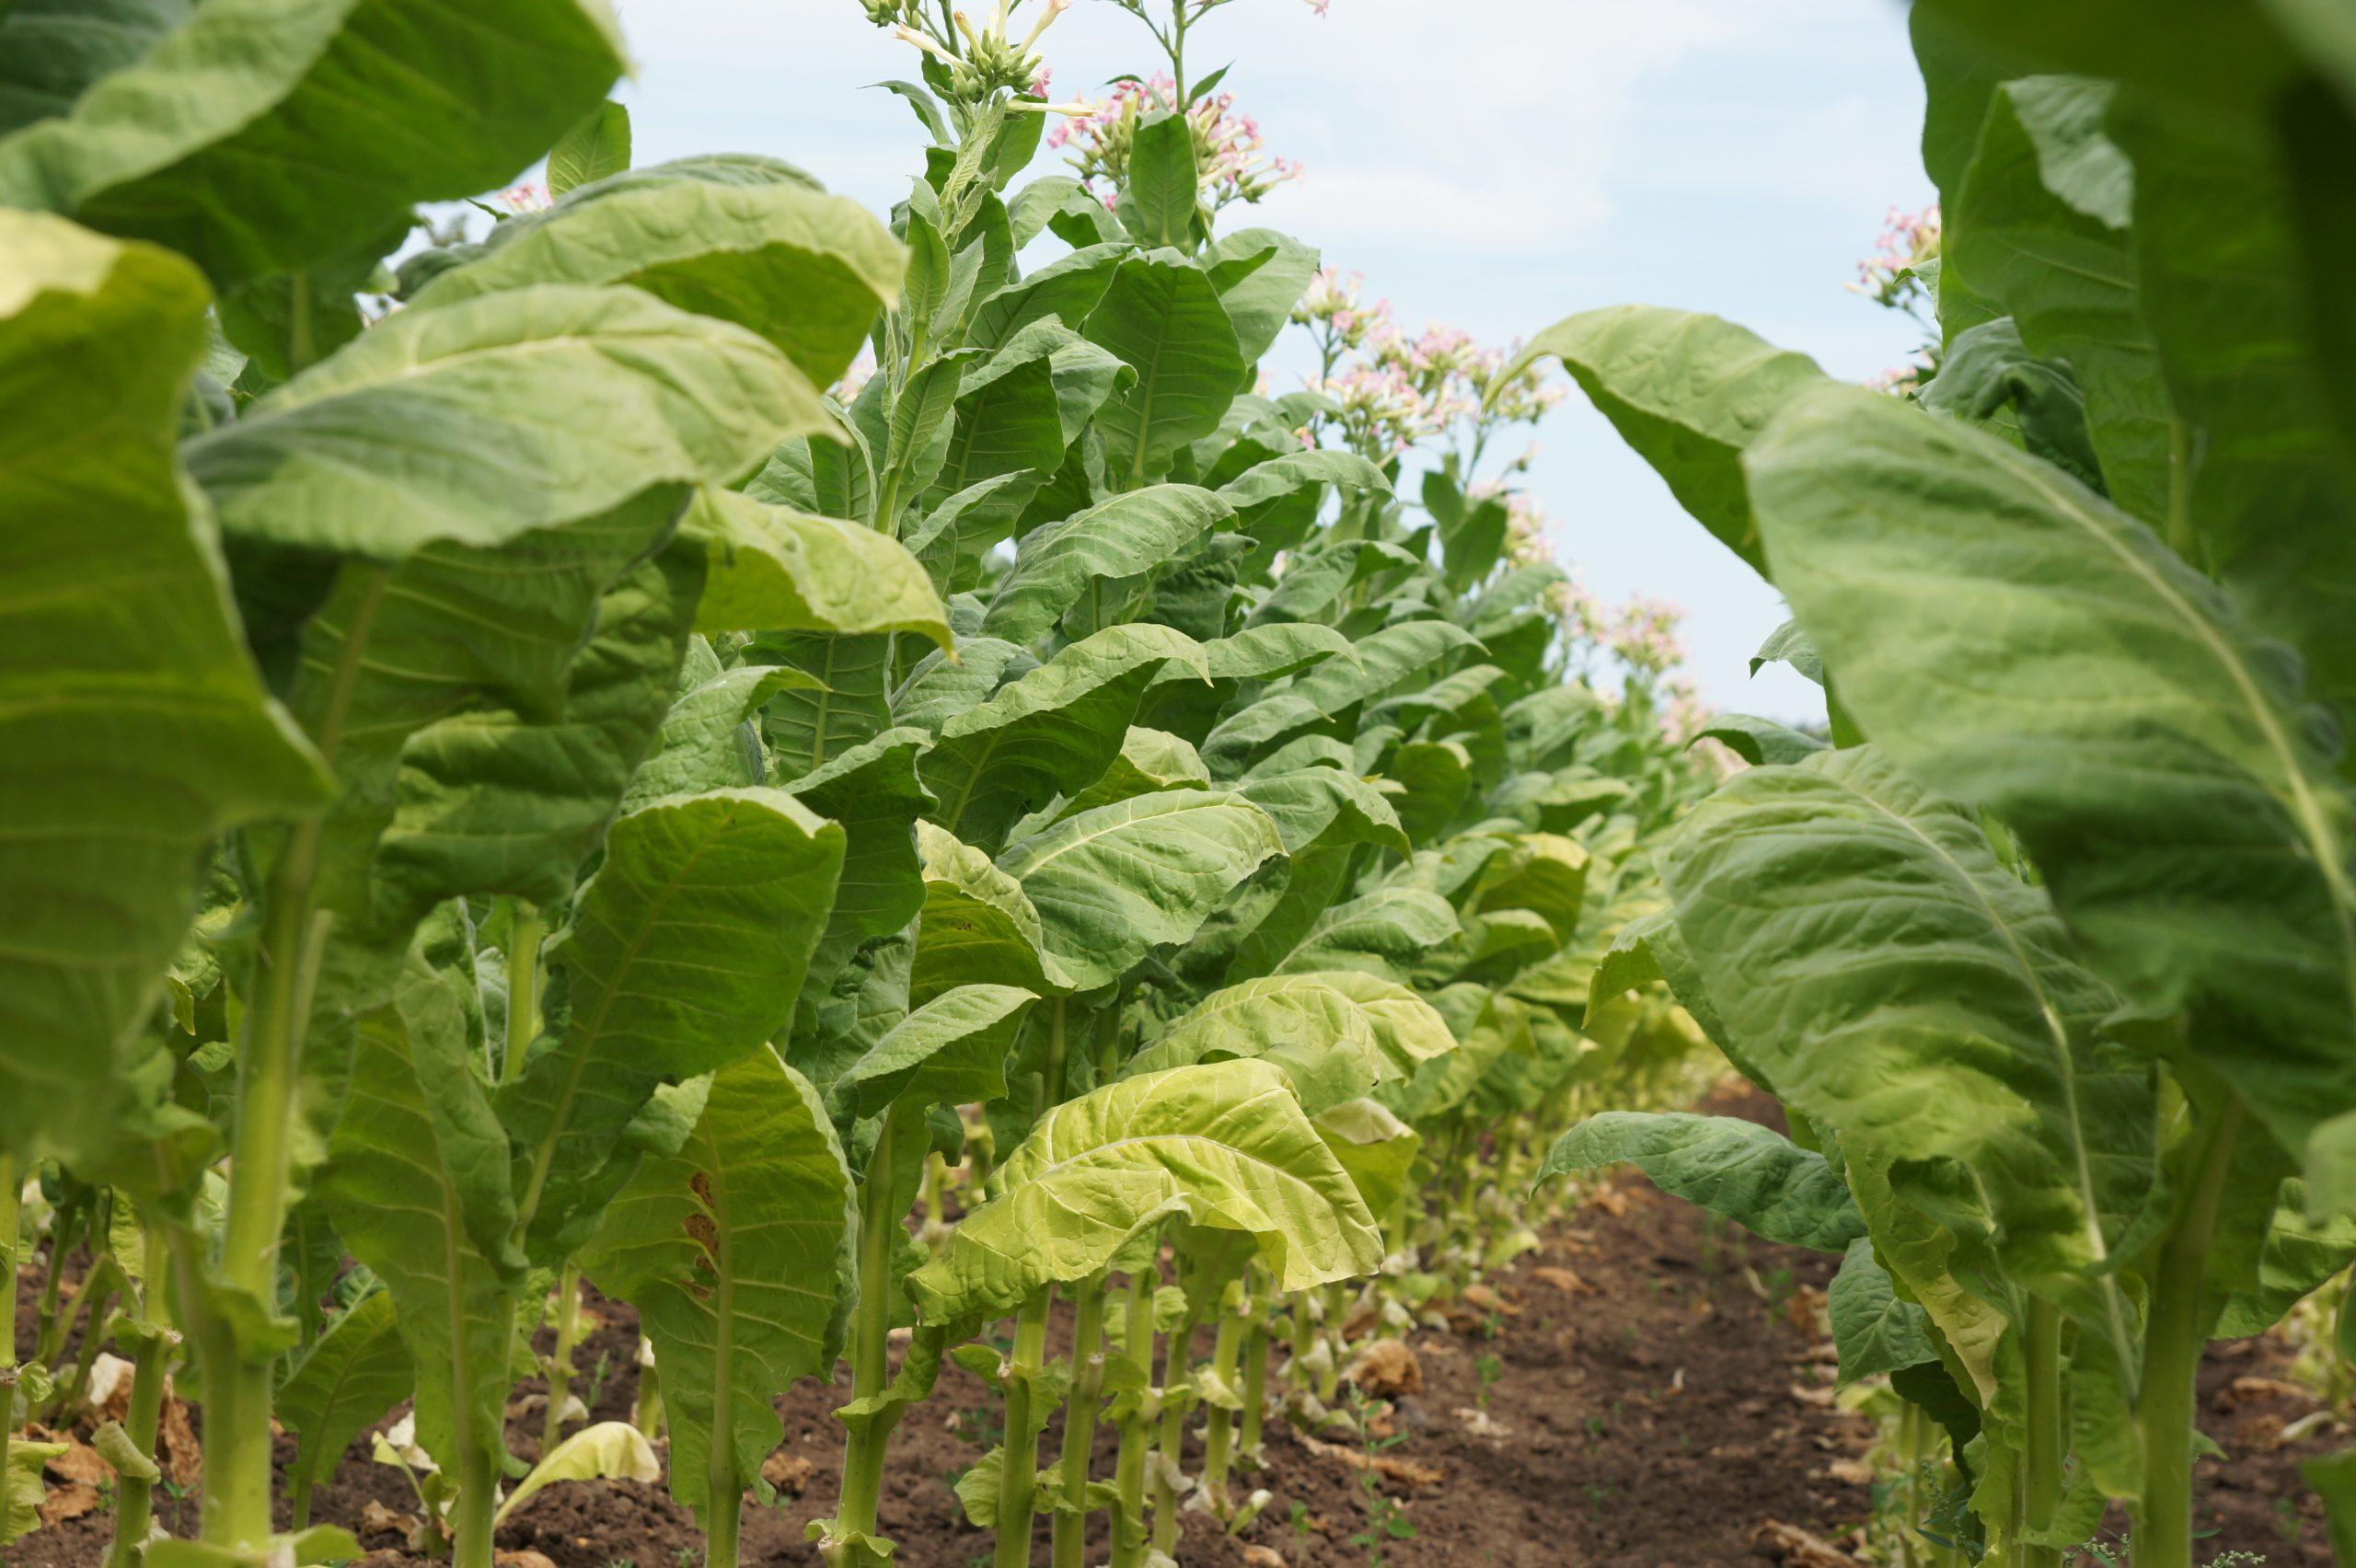 Tabakpflanzen auf einem Feld